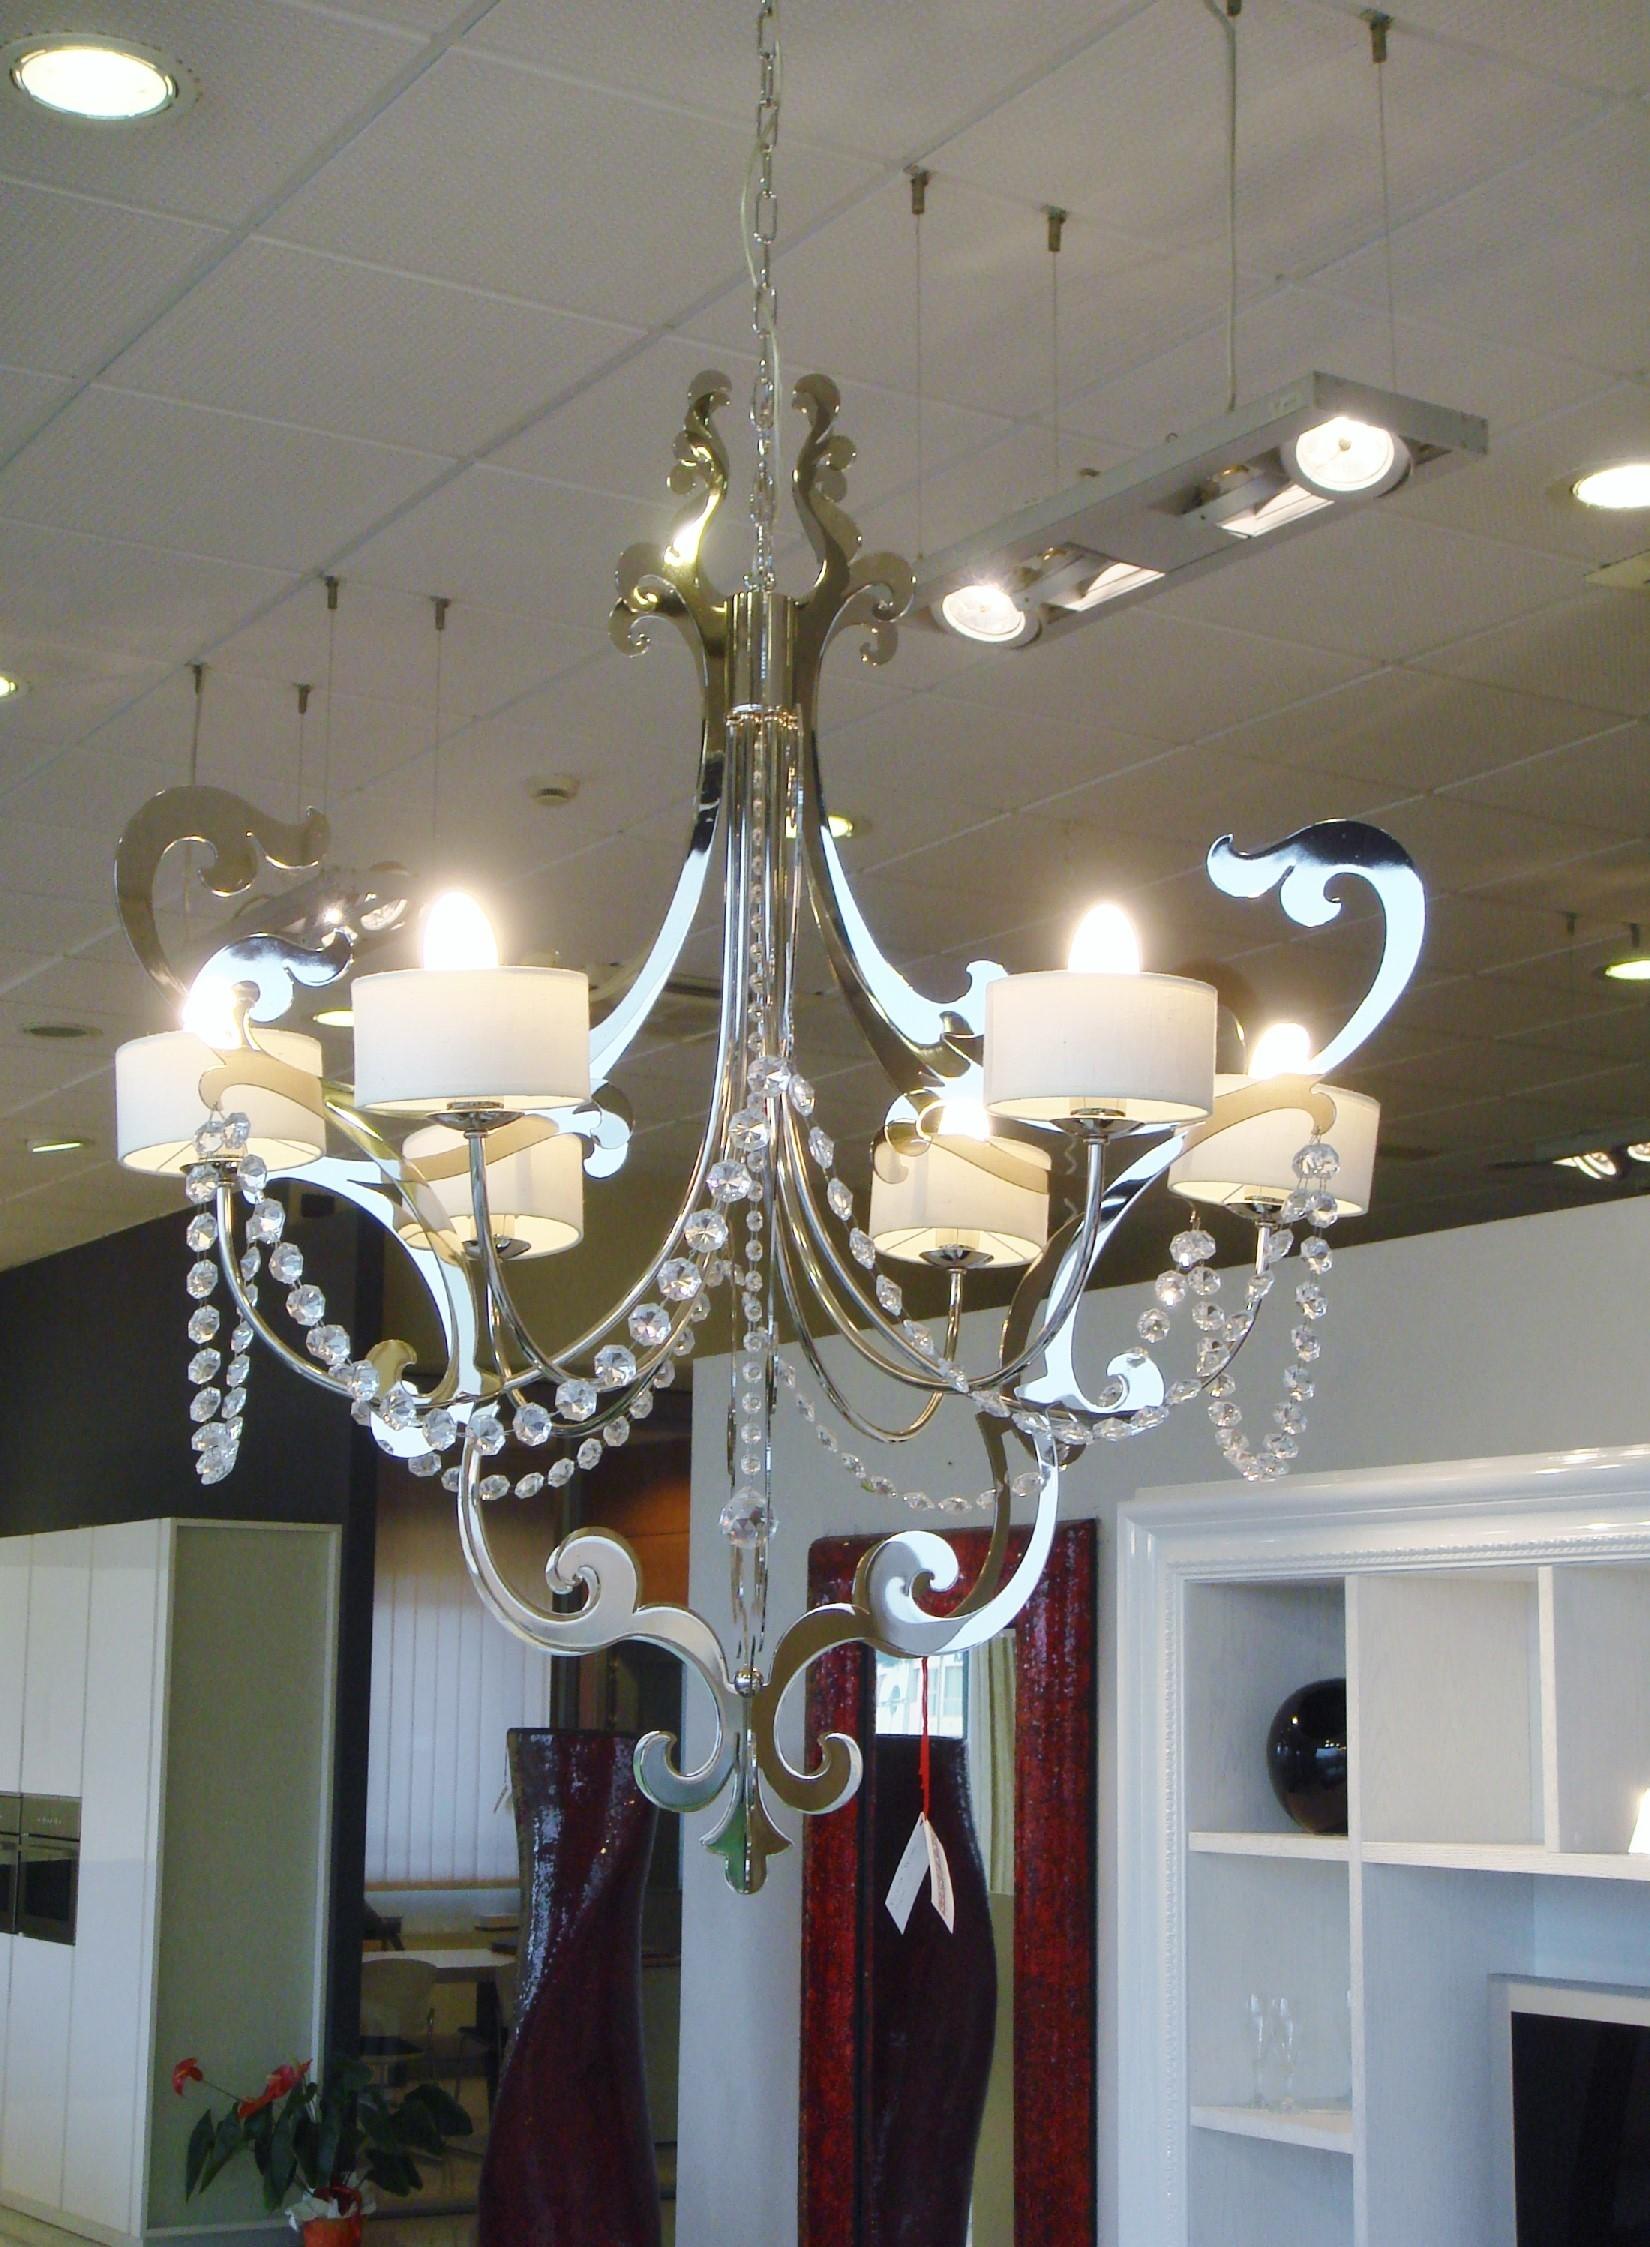 Illuminazione cantori iago metallo lampade a sospensione design ...